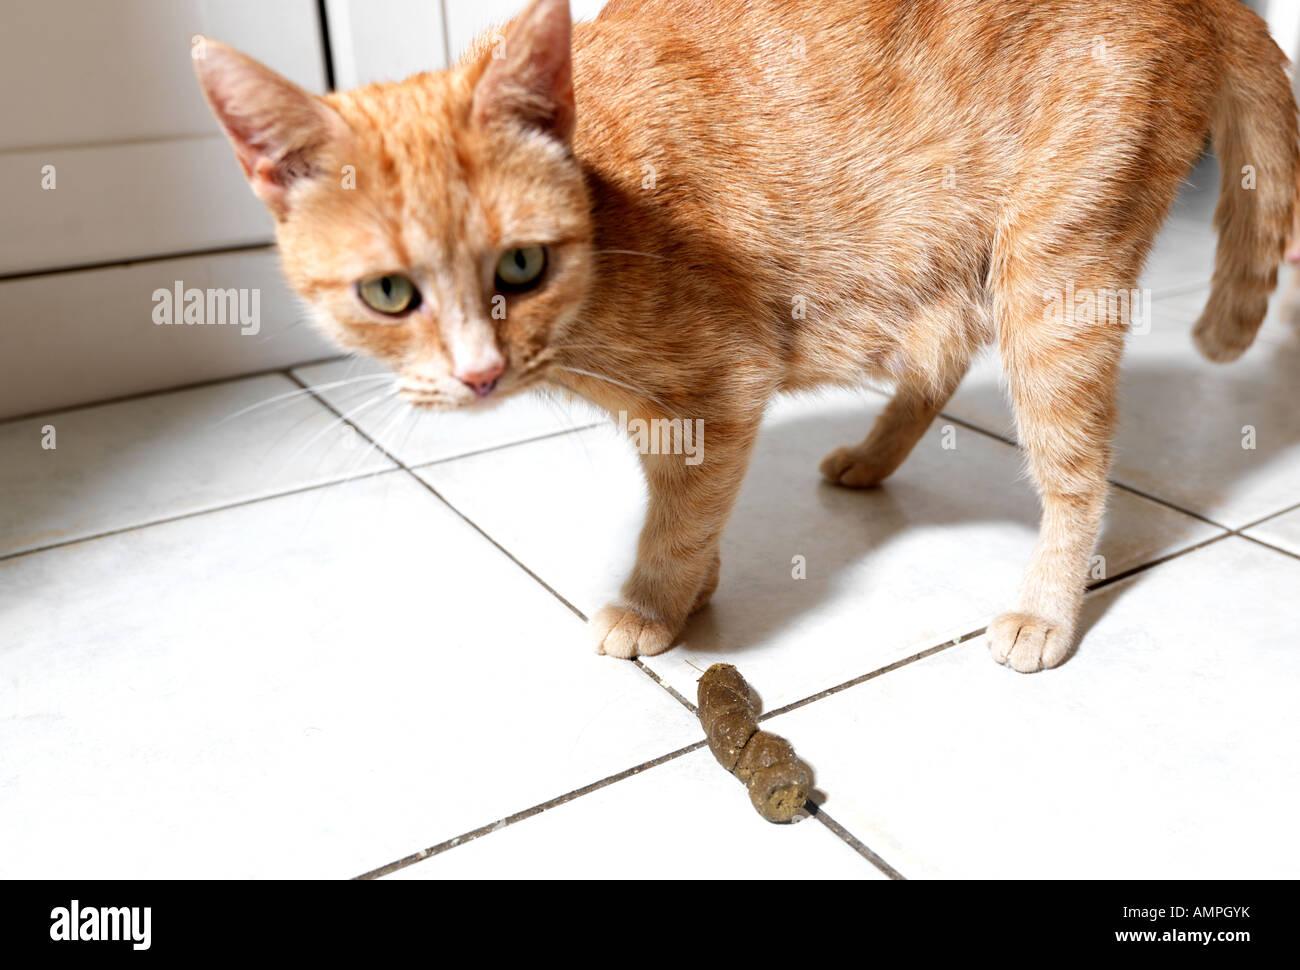 Cat embarrassed por Casa suciedad Imagen De Stock